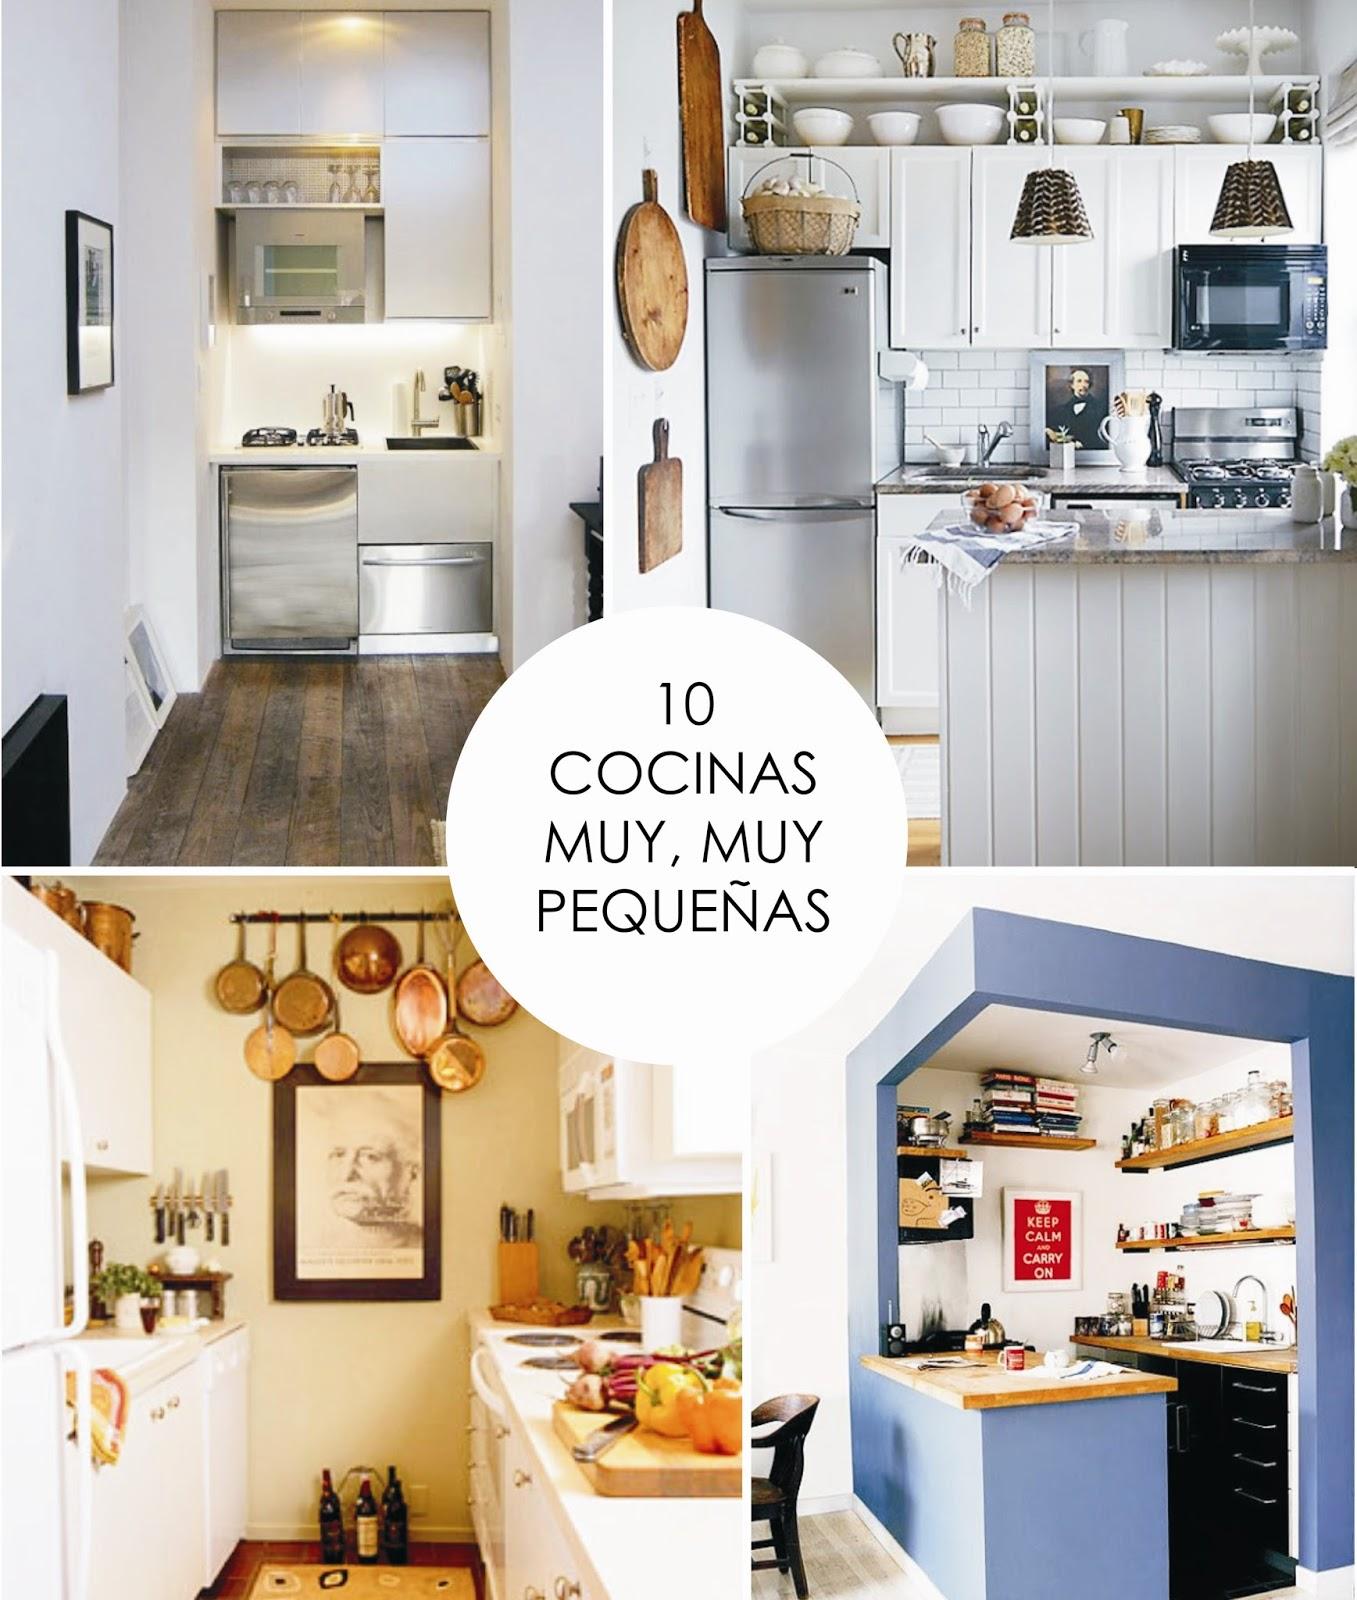 Diseño Cocina Pequeña Y Complicada   Navegando 4 Cocinas A Leña ...